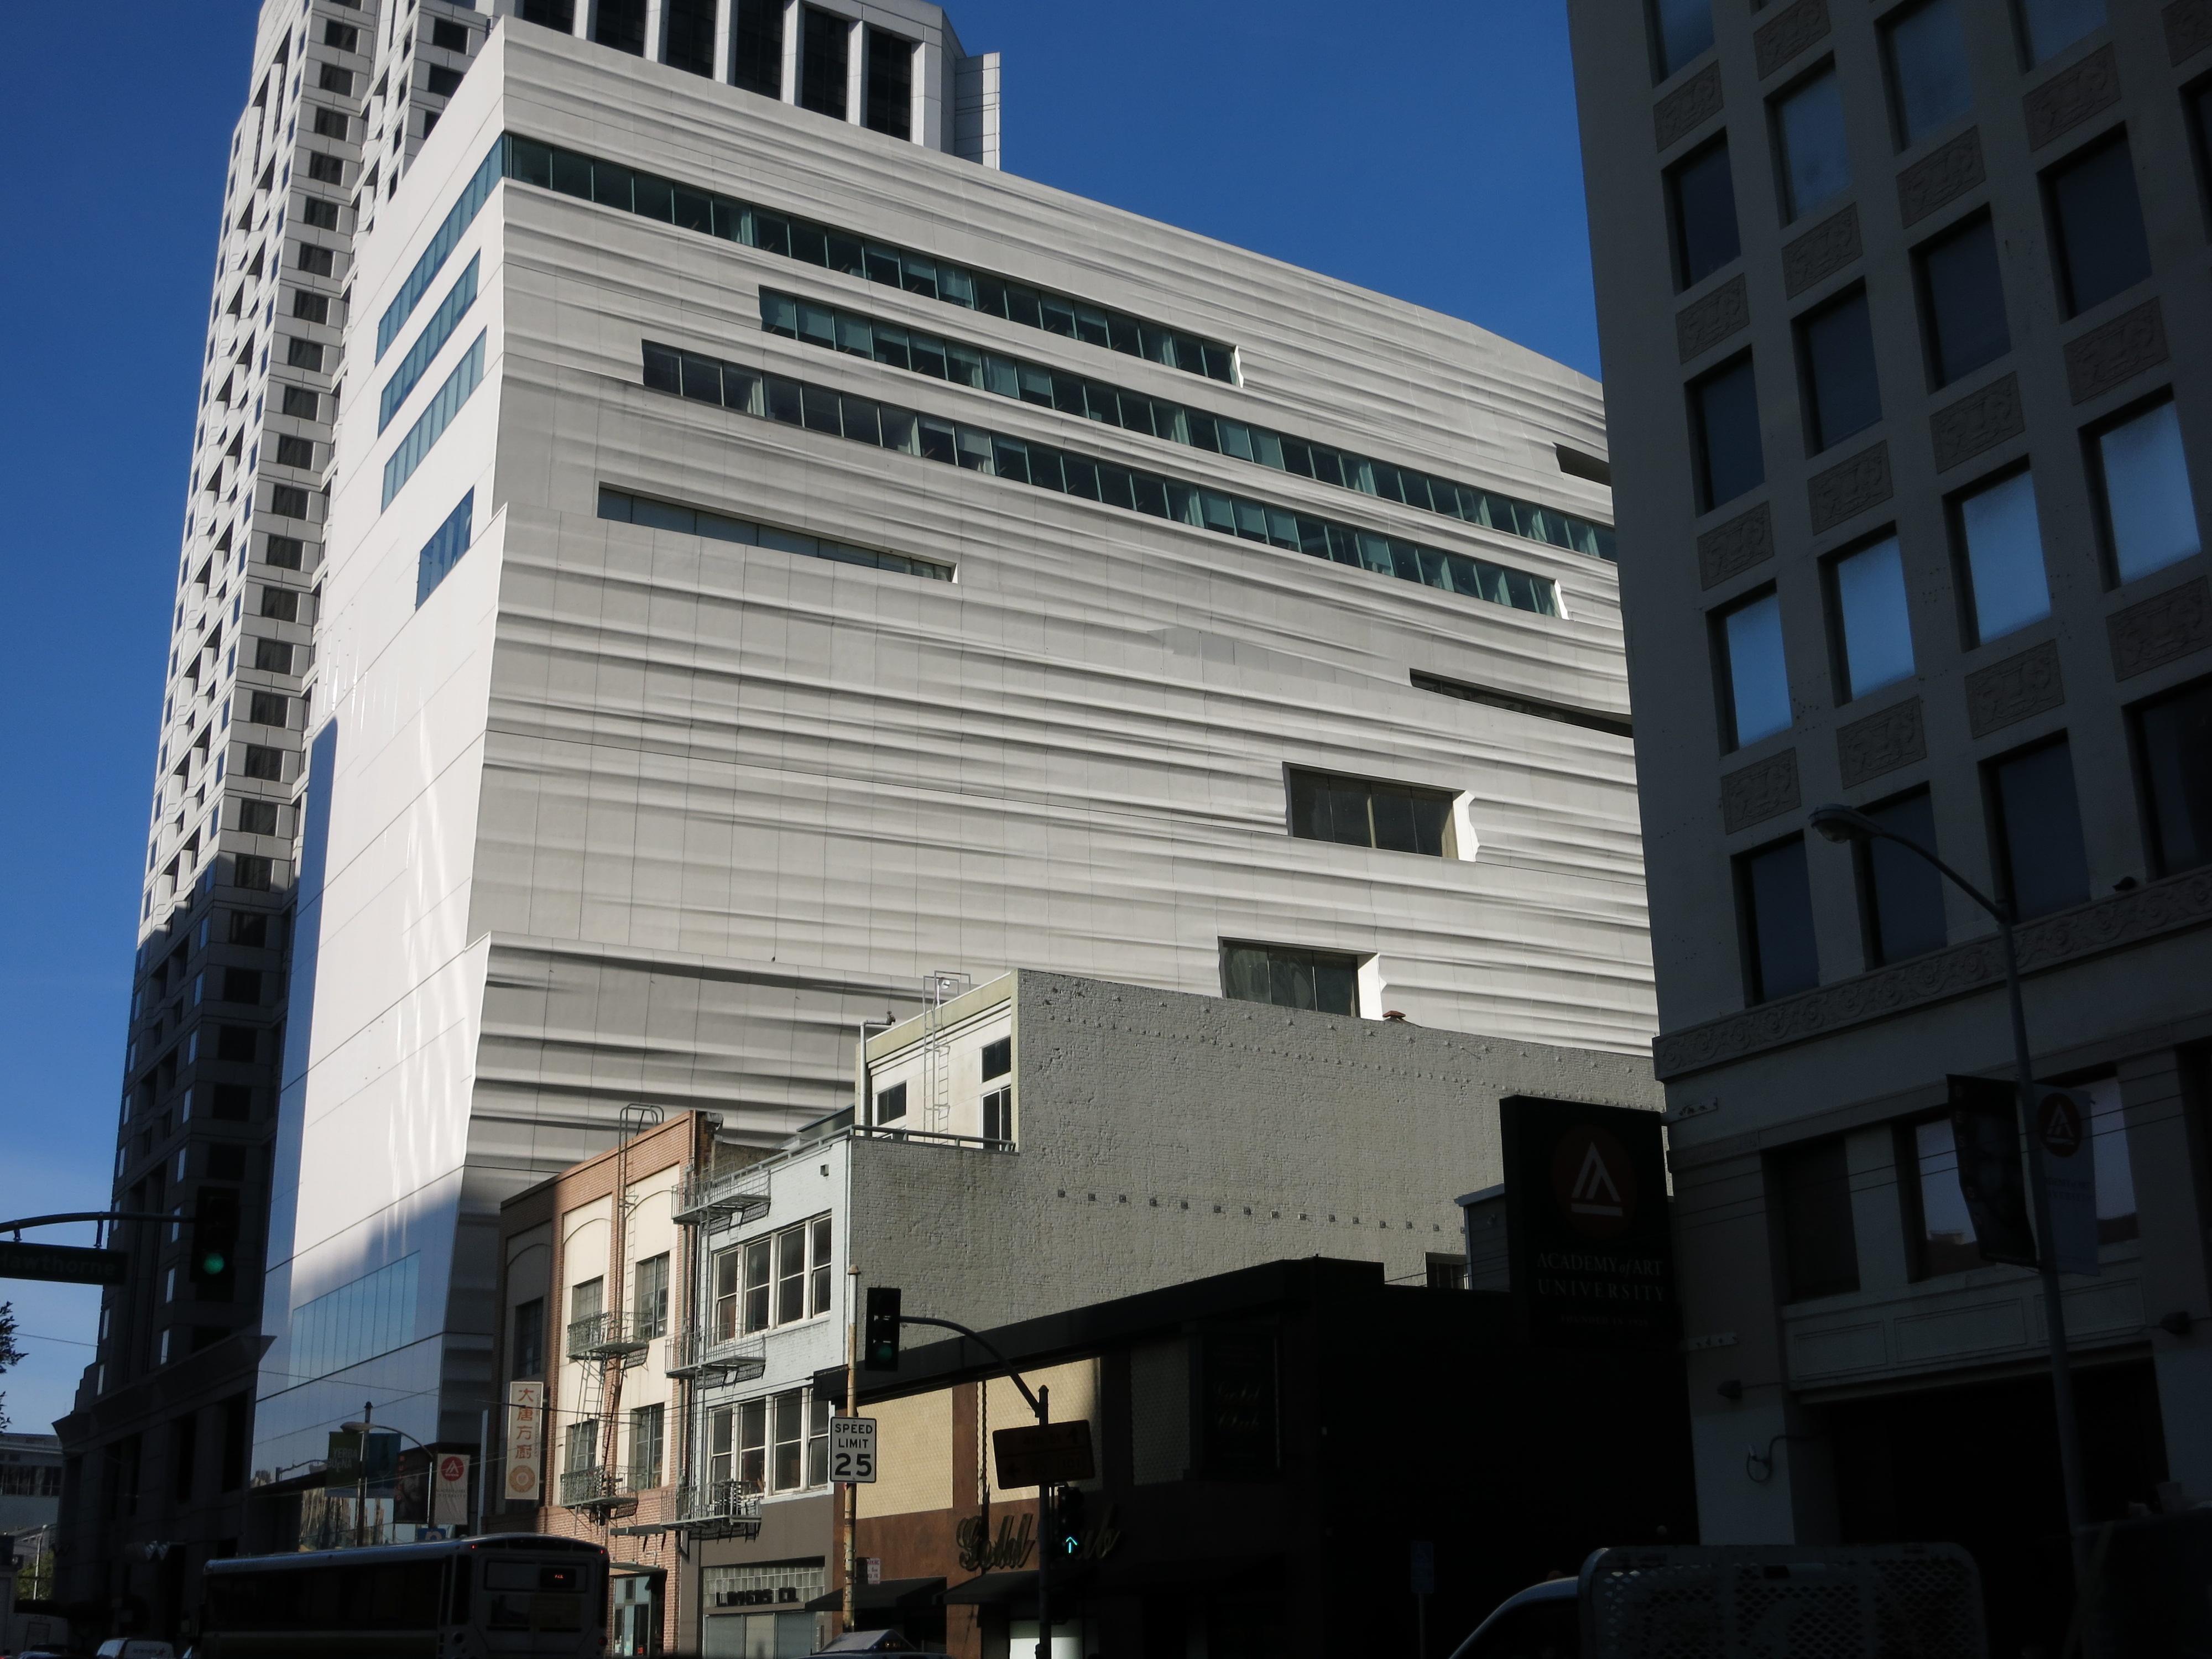 San Francisco Museum Of Modern Art Aluminum Curtainwall